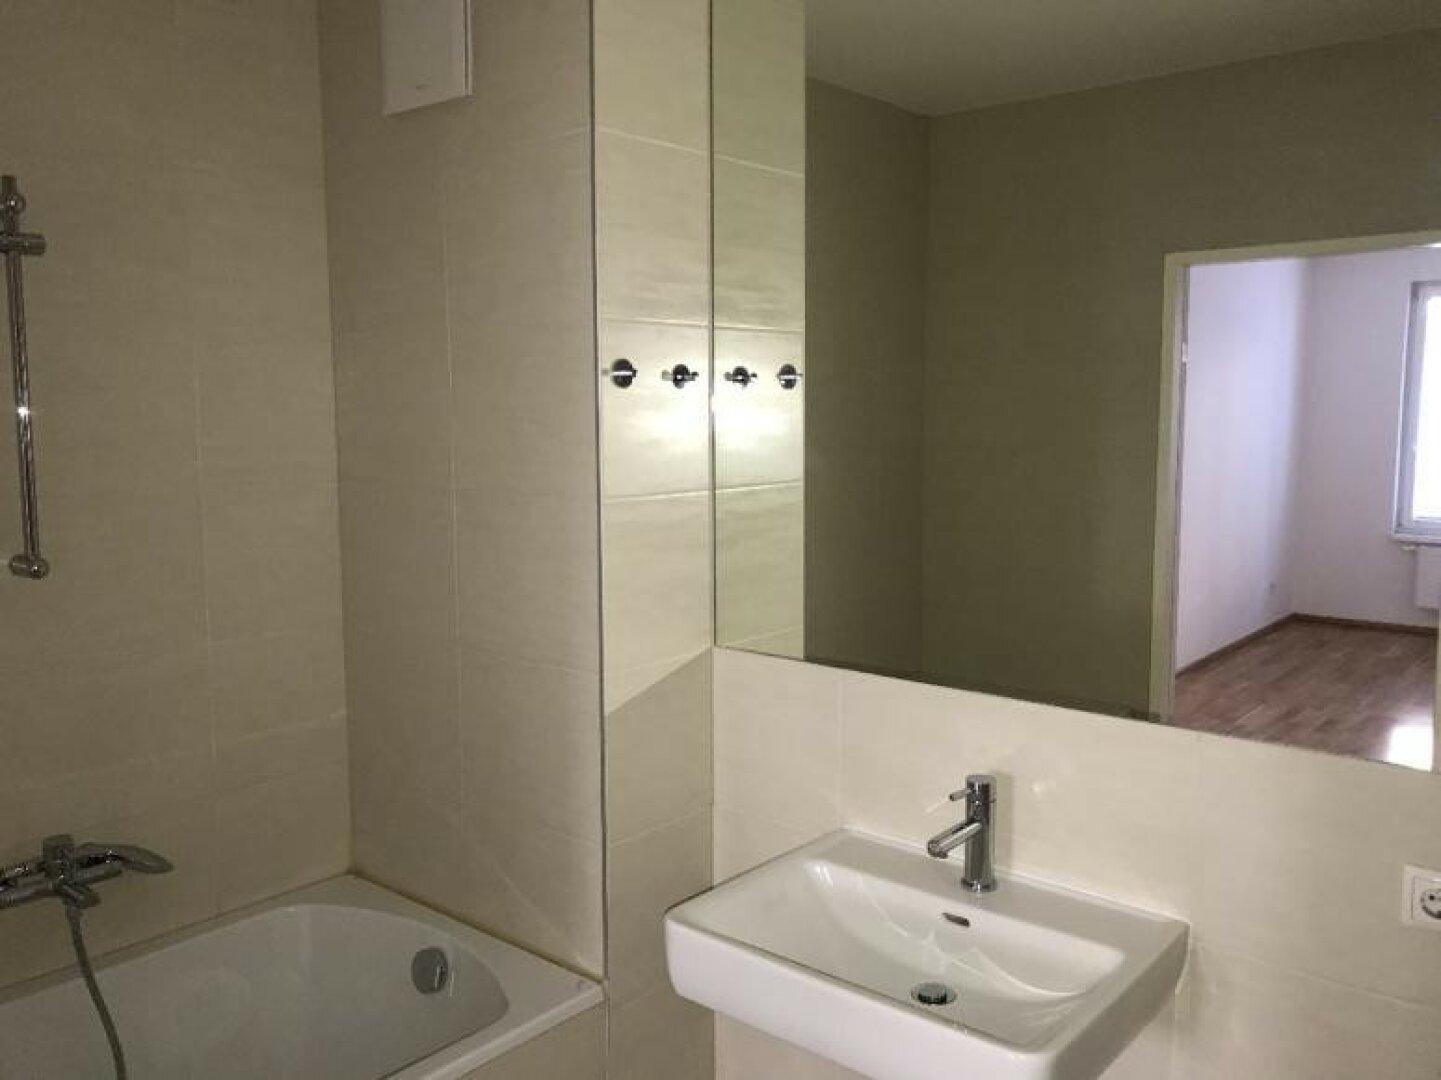 Badezimmer mit Wanne und großem Spiegel